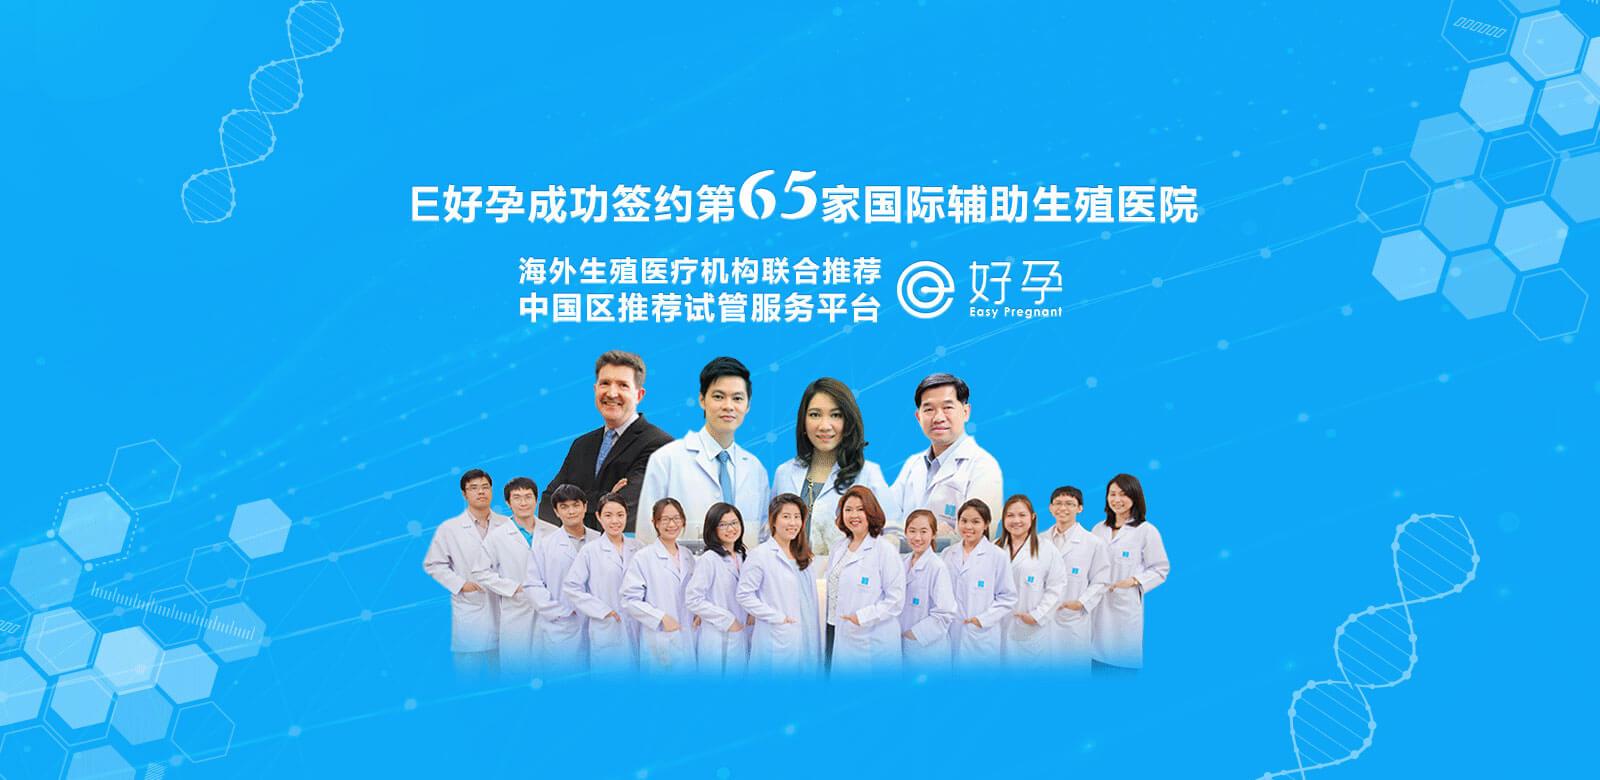 E好孕成功签约第65家国际辅助生殖医院